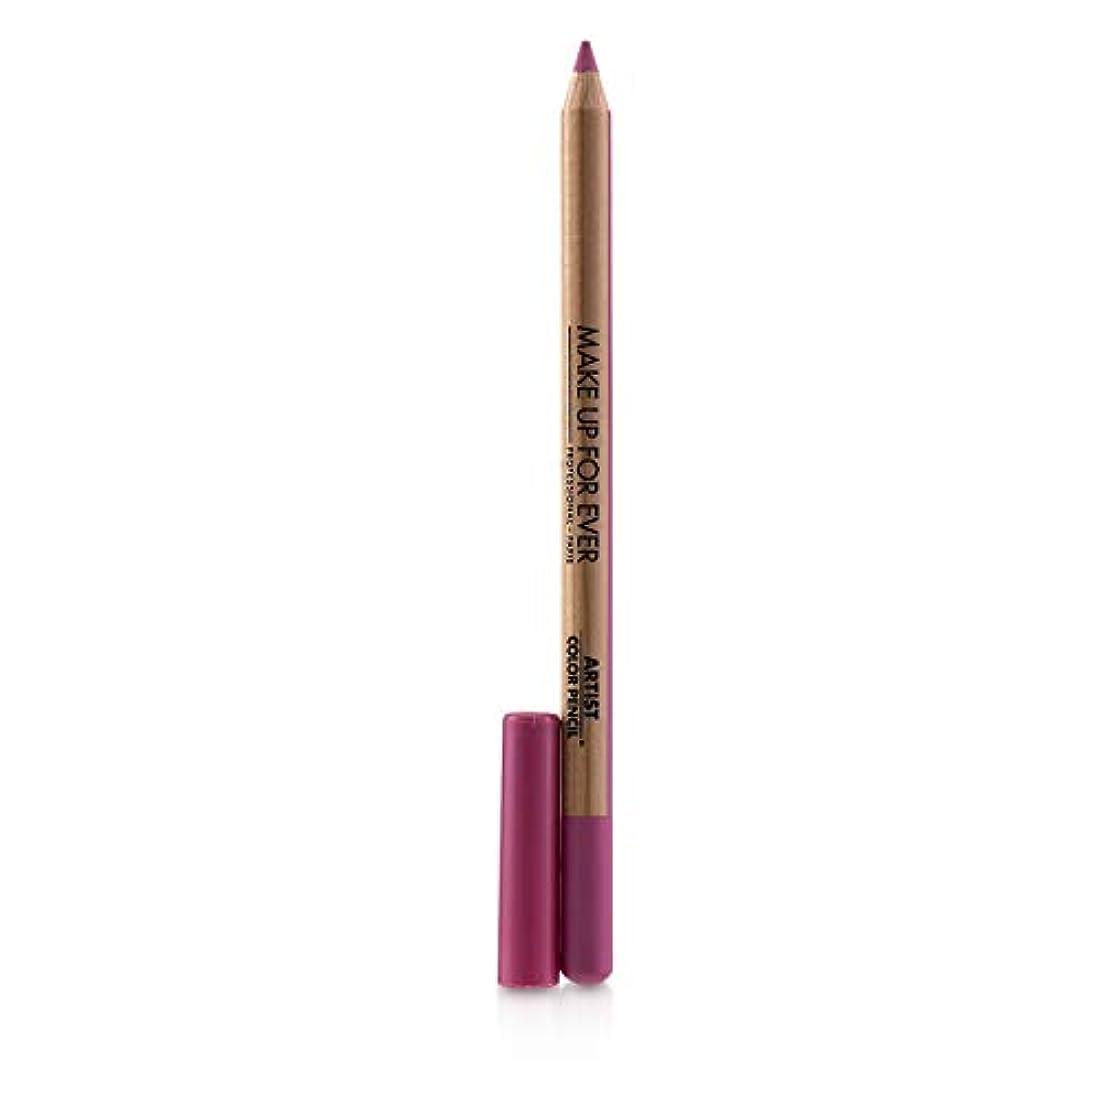 シマウマ資料封建メイクアップフォーエバー Artist Color Pencil - # 804 No Boundaries Blush 1.41g/0.04oz並行輸入品